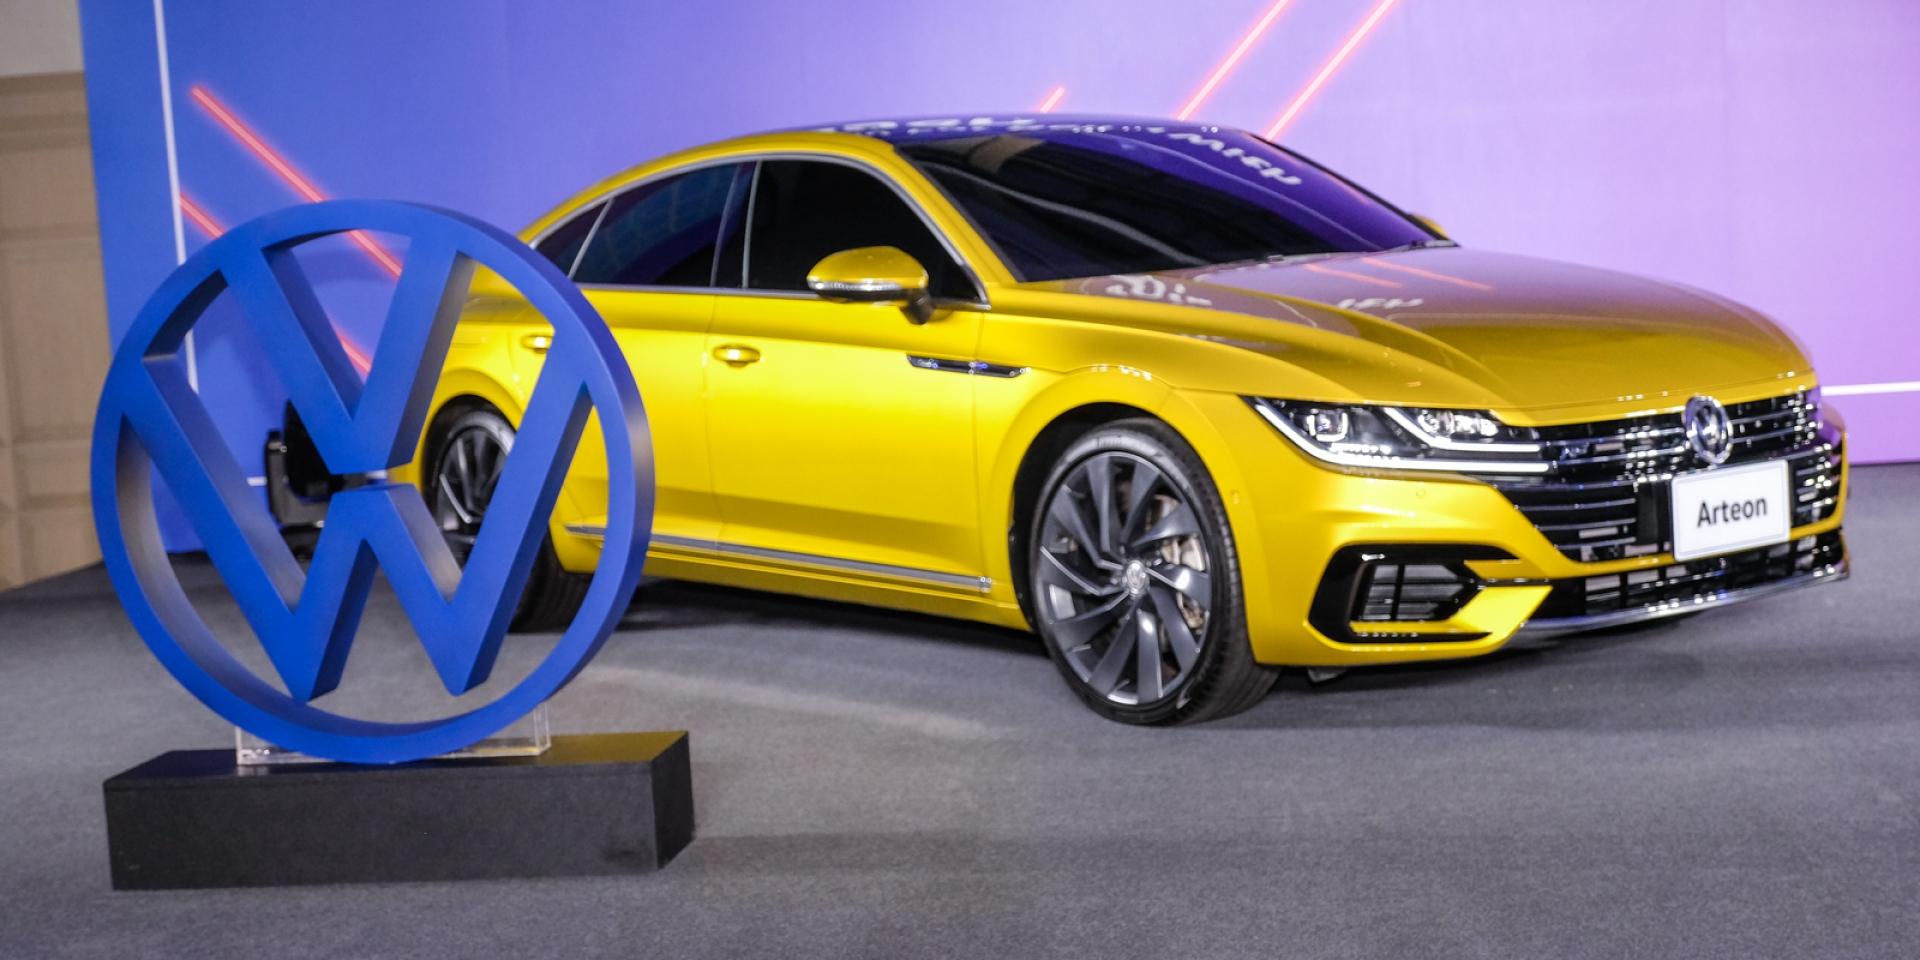 VW保養延長三萬公里一次 轎跑VW ARTEON即將引進。2020台灣福斯市場新規劃